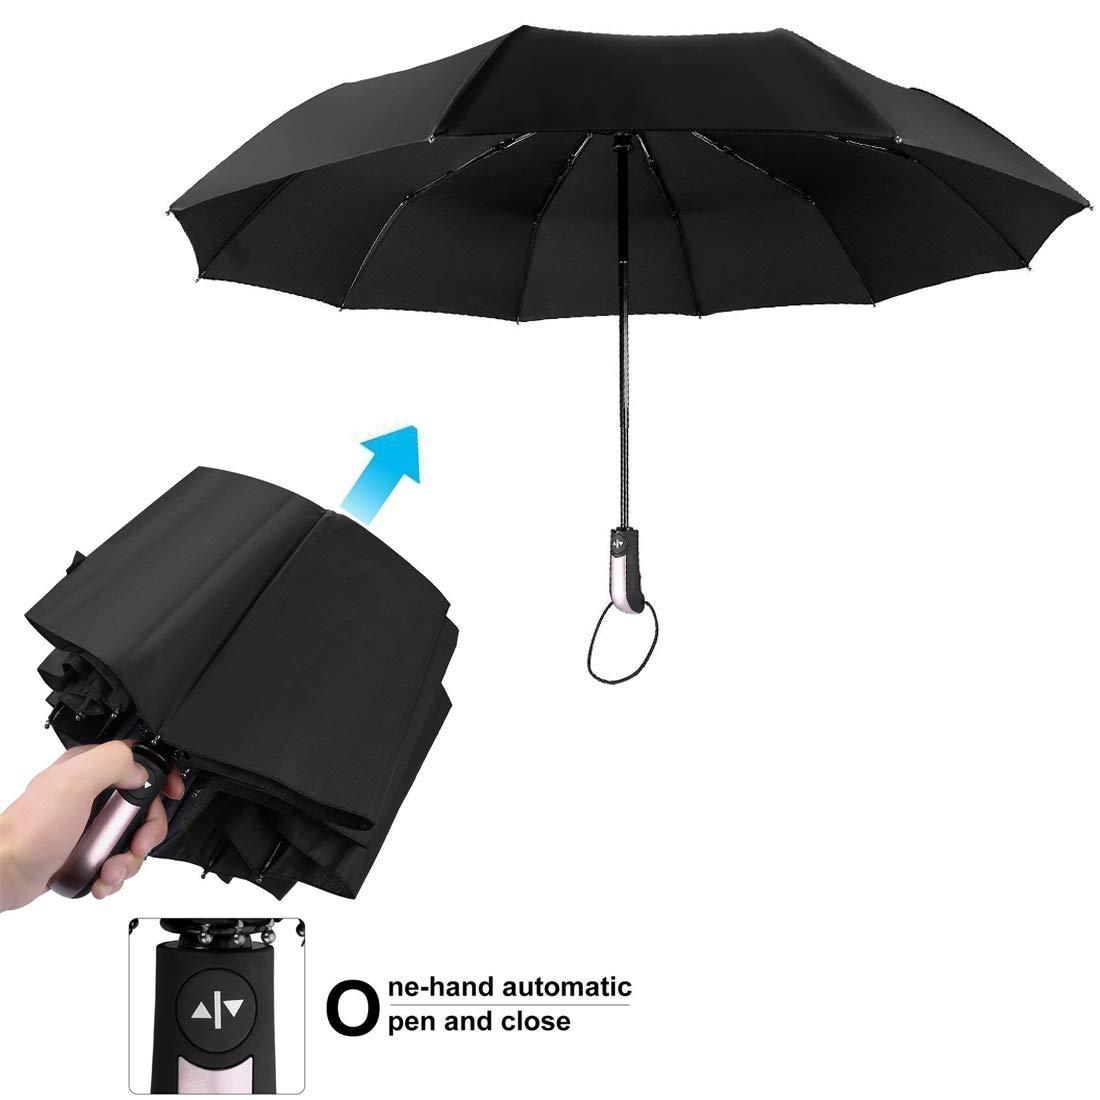 Parapluie Pliable Noir Automatique Ouverture et Fermeture R/ésistant /à Temp/ête Compact L/éger Parapluie de Voyage pour Homme et Femme,T/éflon 210t,Id/éal en Voyage Silaite Parapluie Pliant